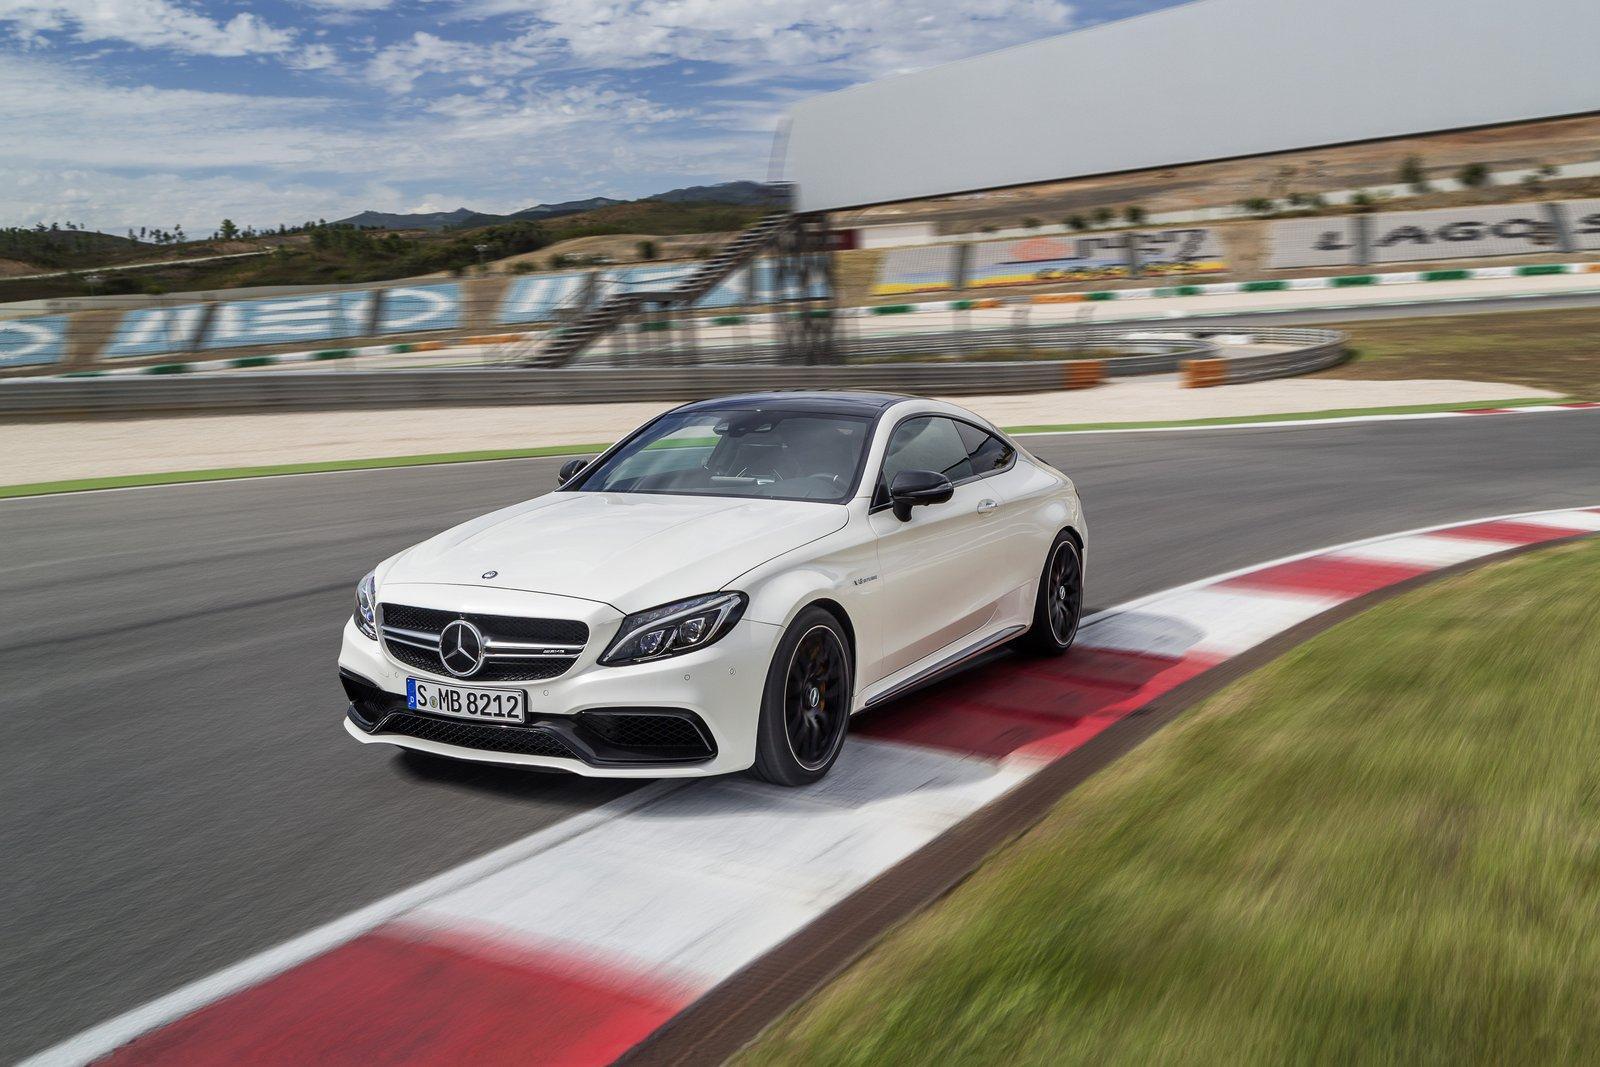 Novo Mercedes AMG C63 Coupé Apresentado: Apertem Os Cintos.